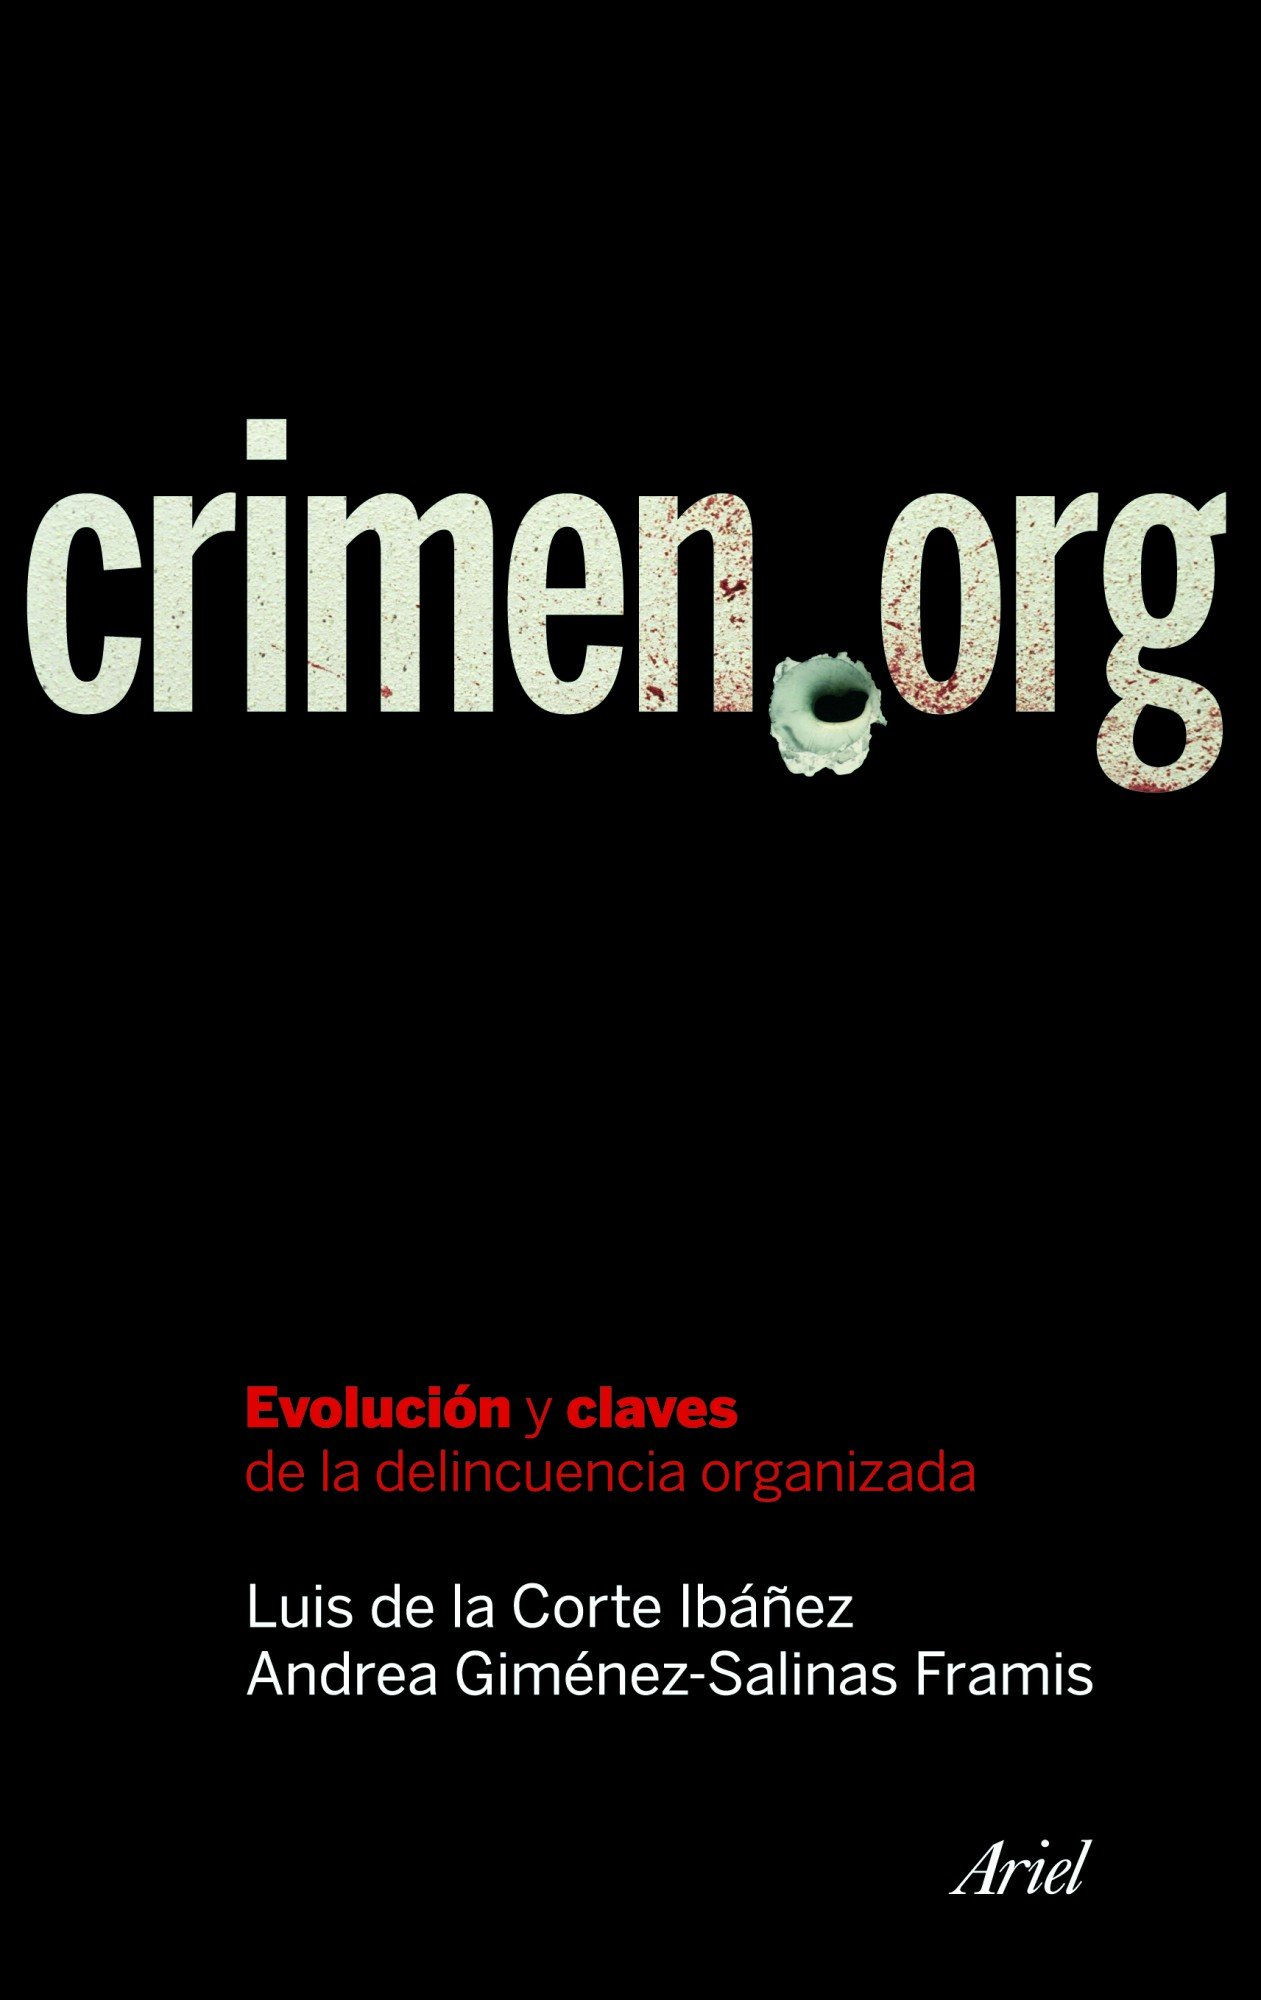 Crimen.org: Evolución y claves de la delincuencia organizada Ariel: Amazon.es: Luis de la Corte Ibáñez, Andrea Giménez-Salinas Framis: Libros